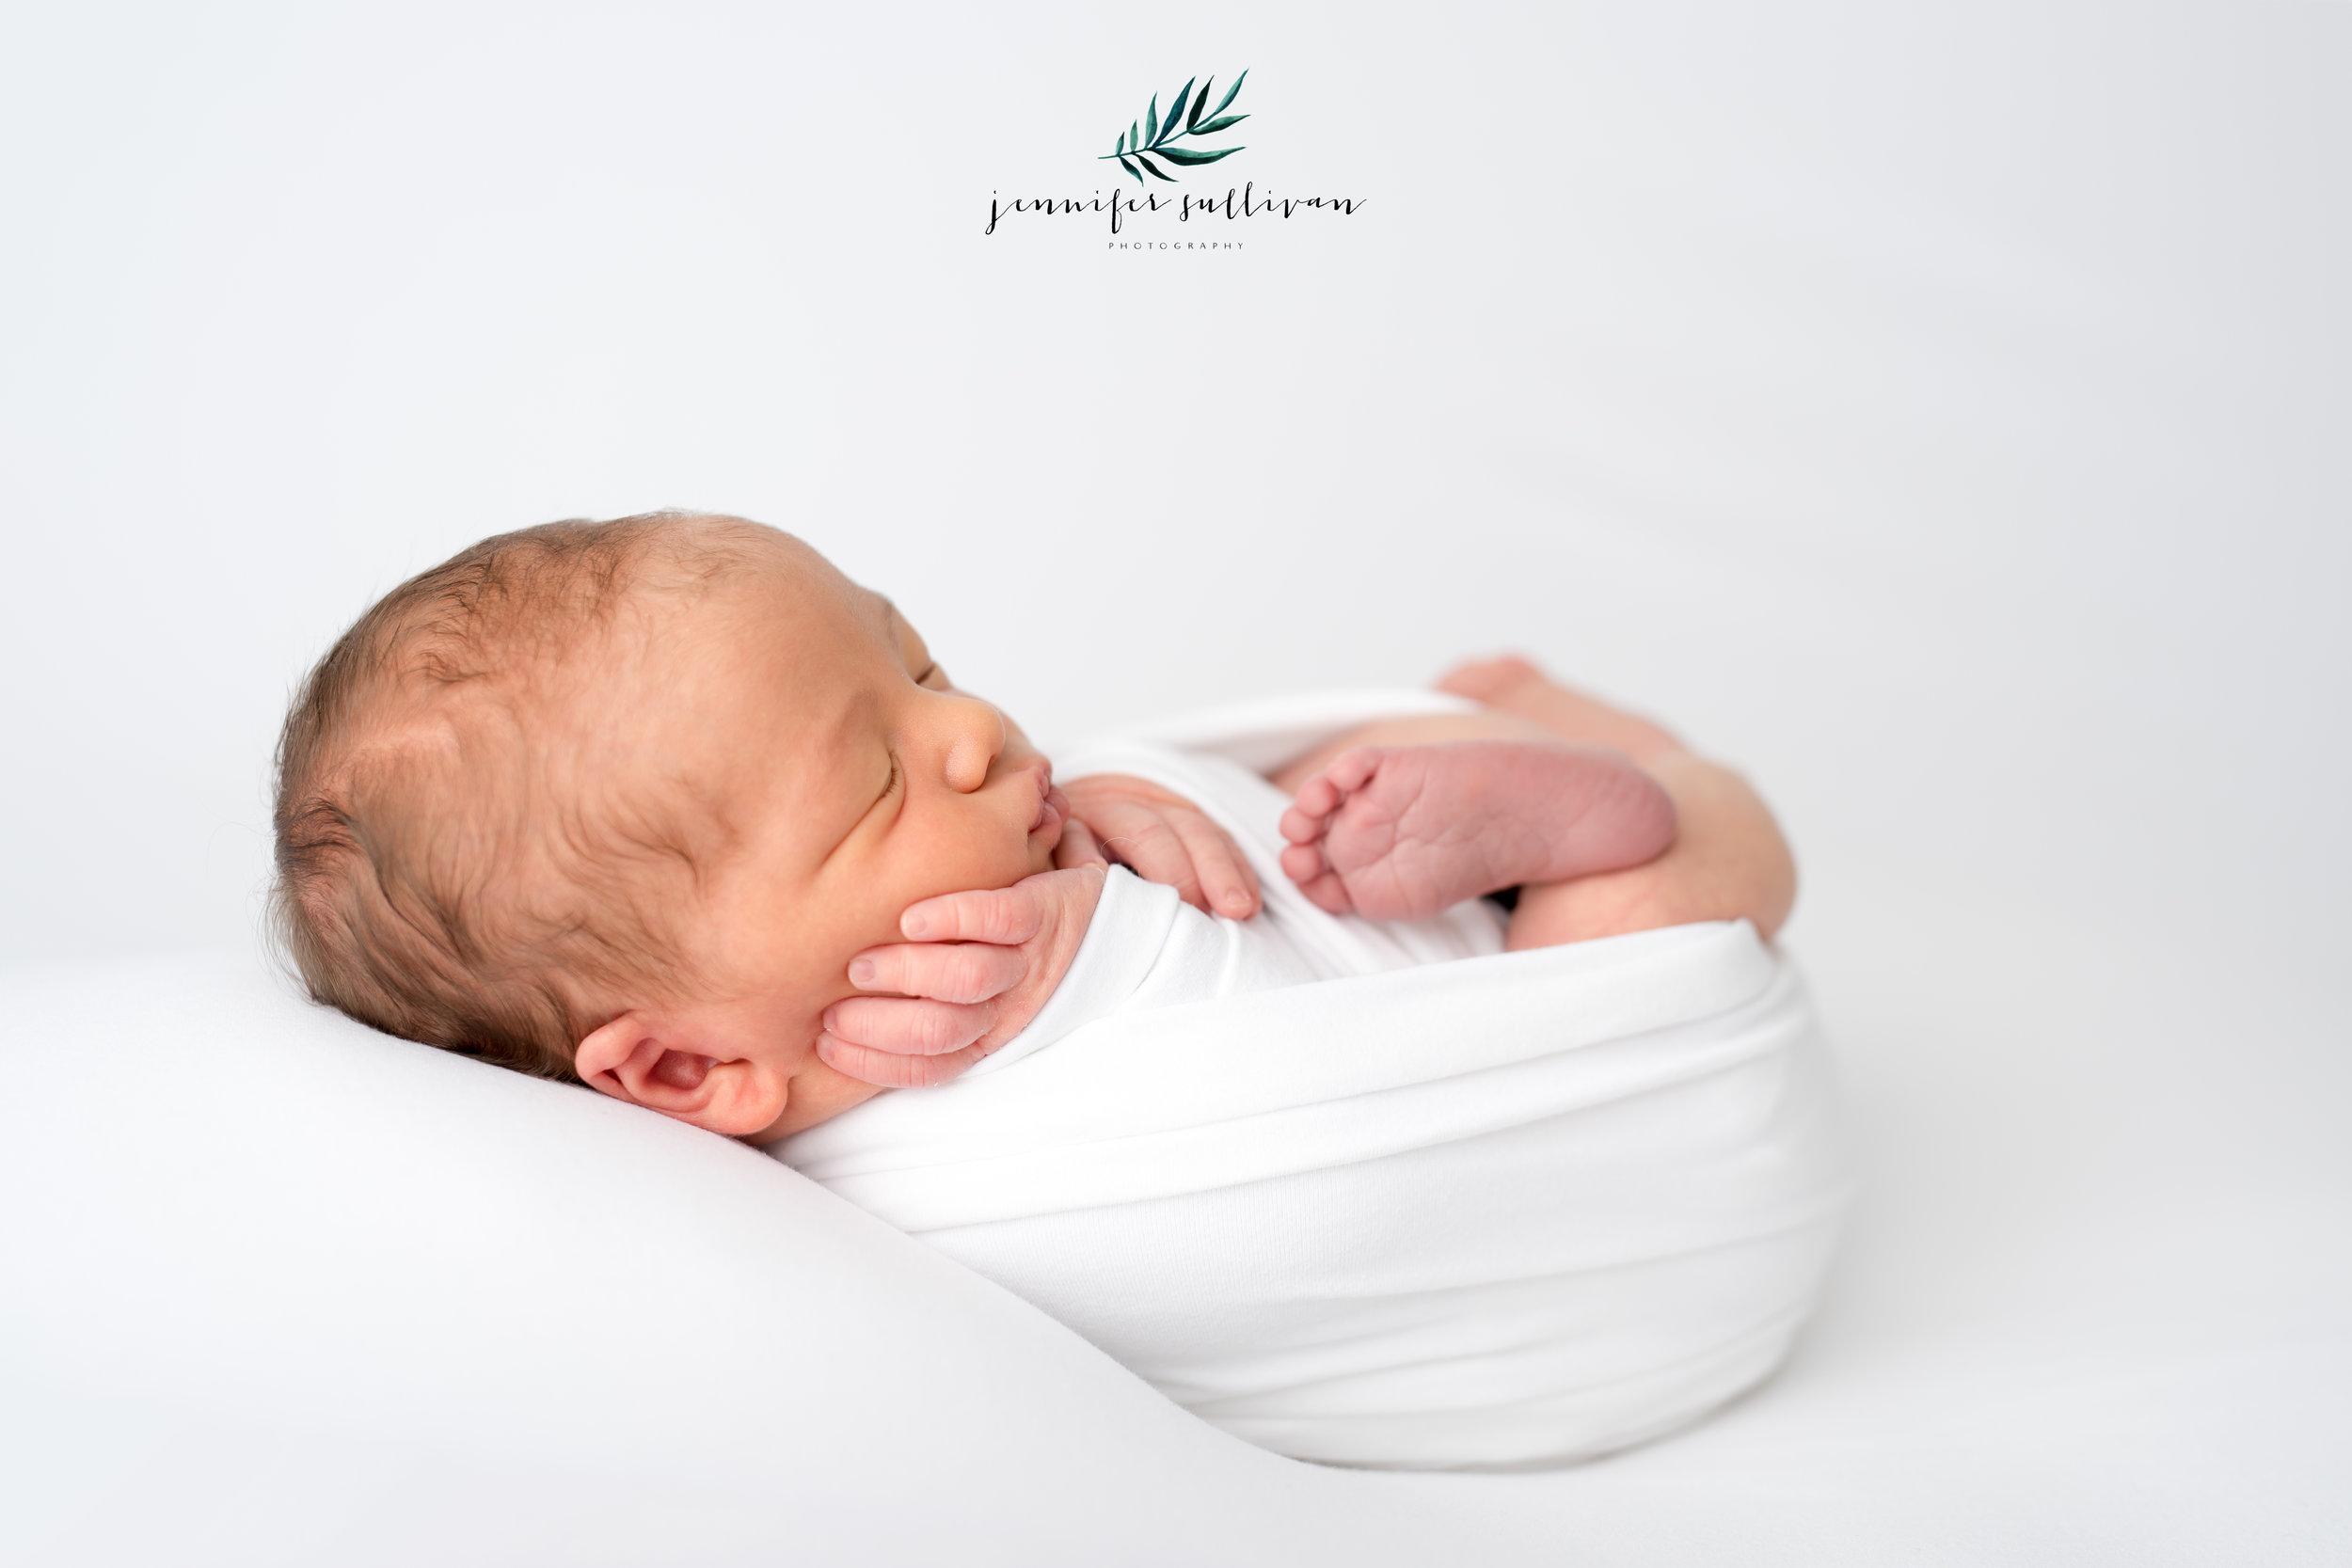 dartmouth baby photographer newborn-401-4.jpg